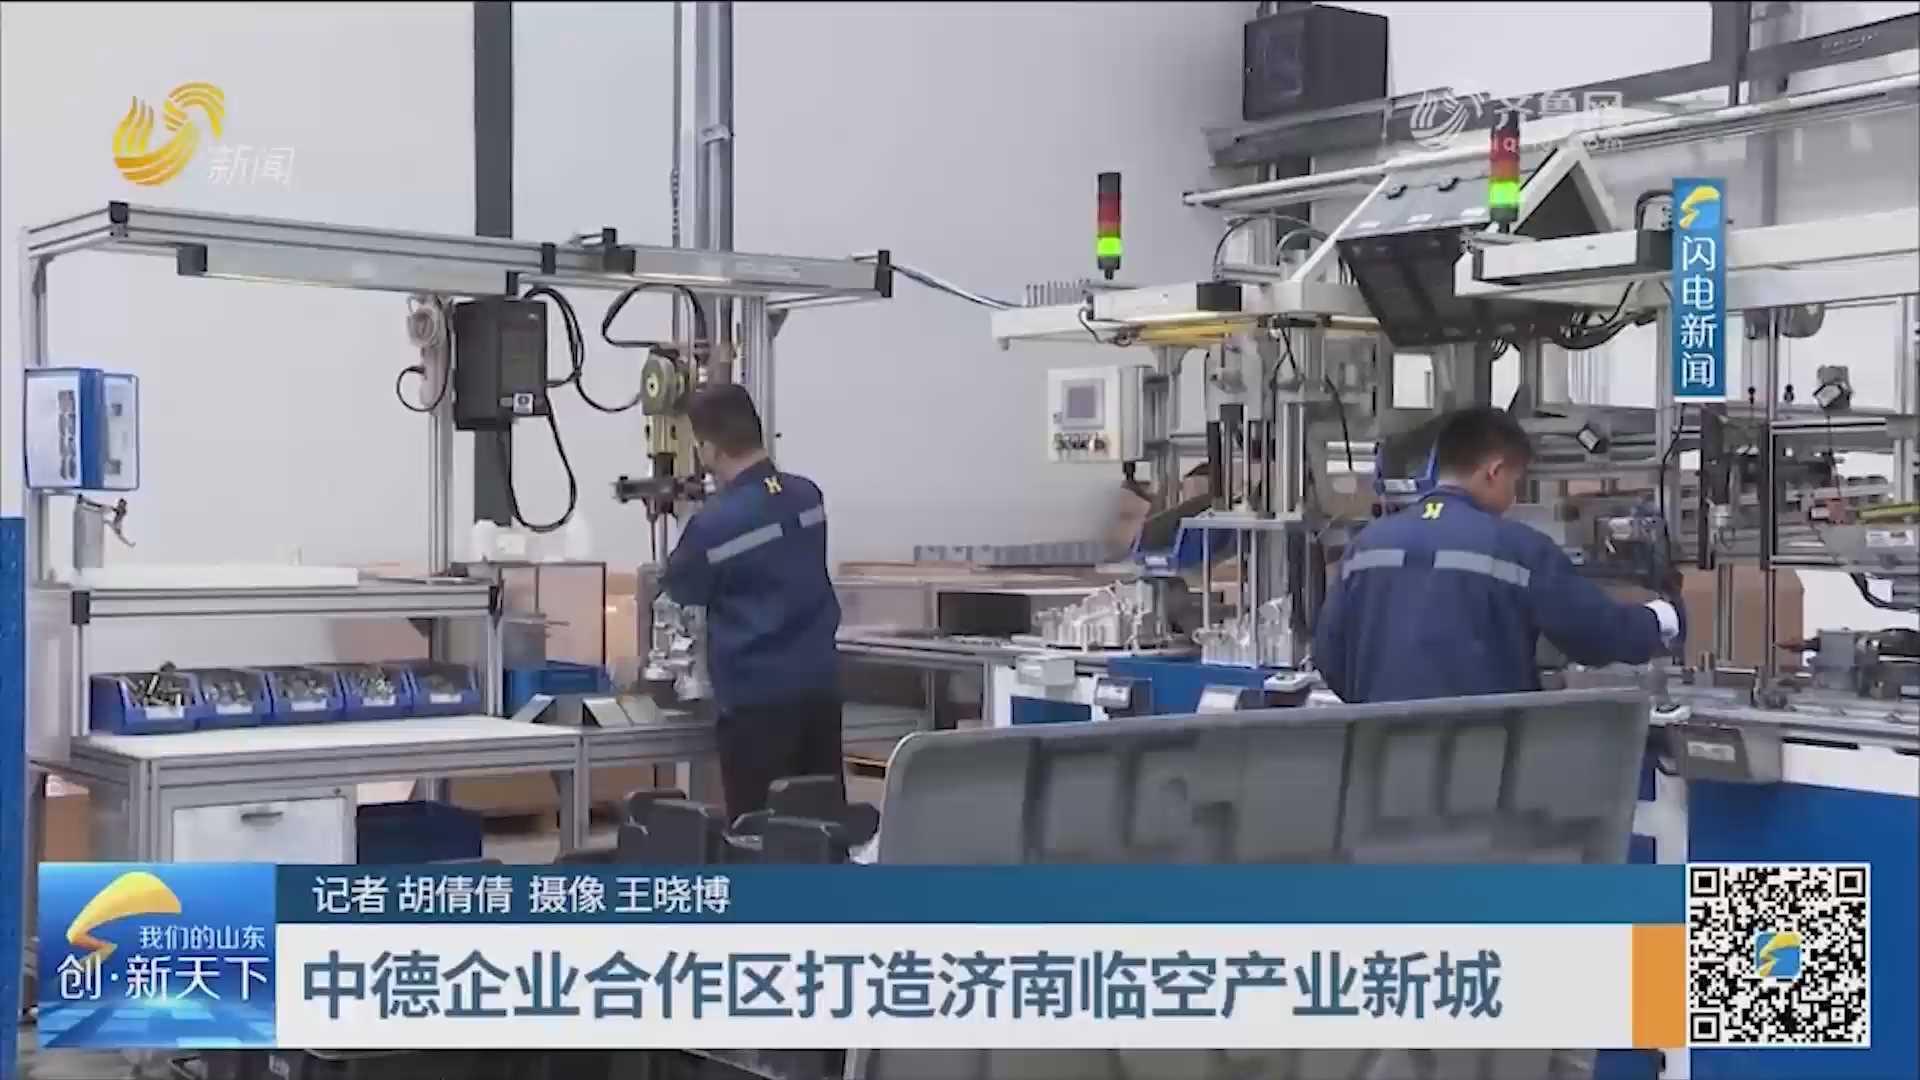 中德企业合作区打造济南临空产业新城